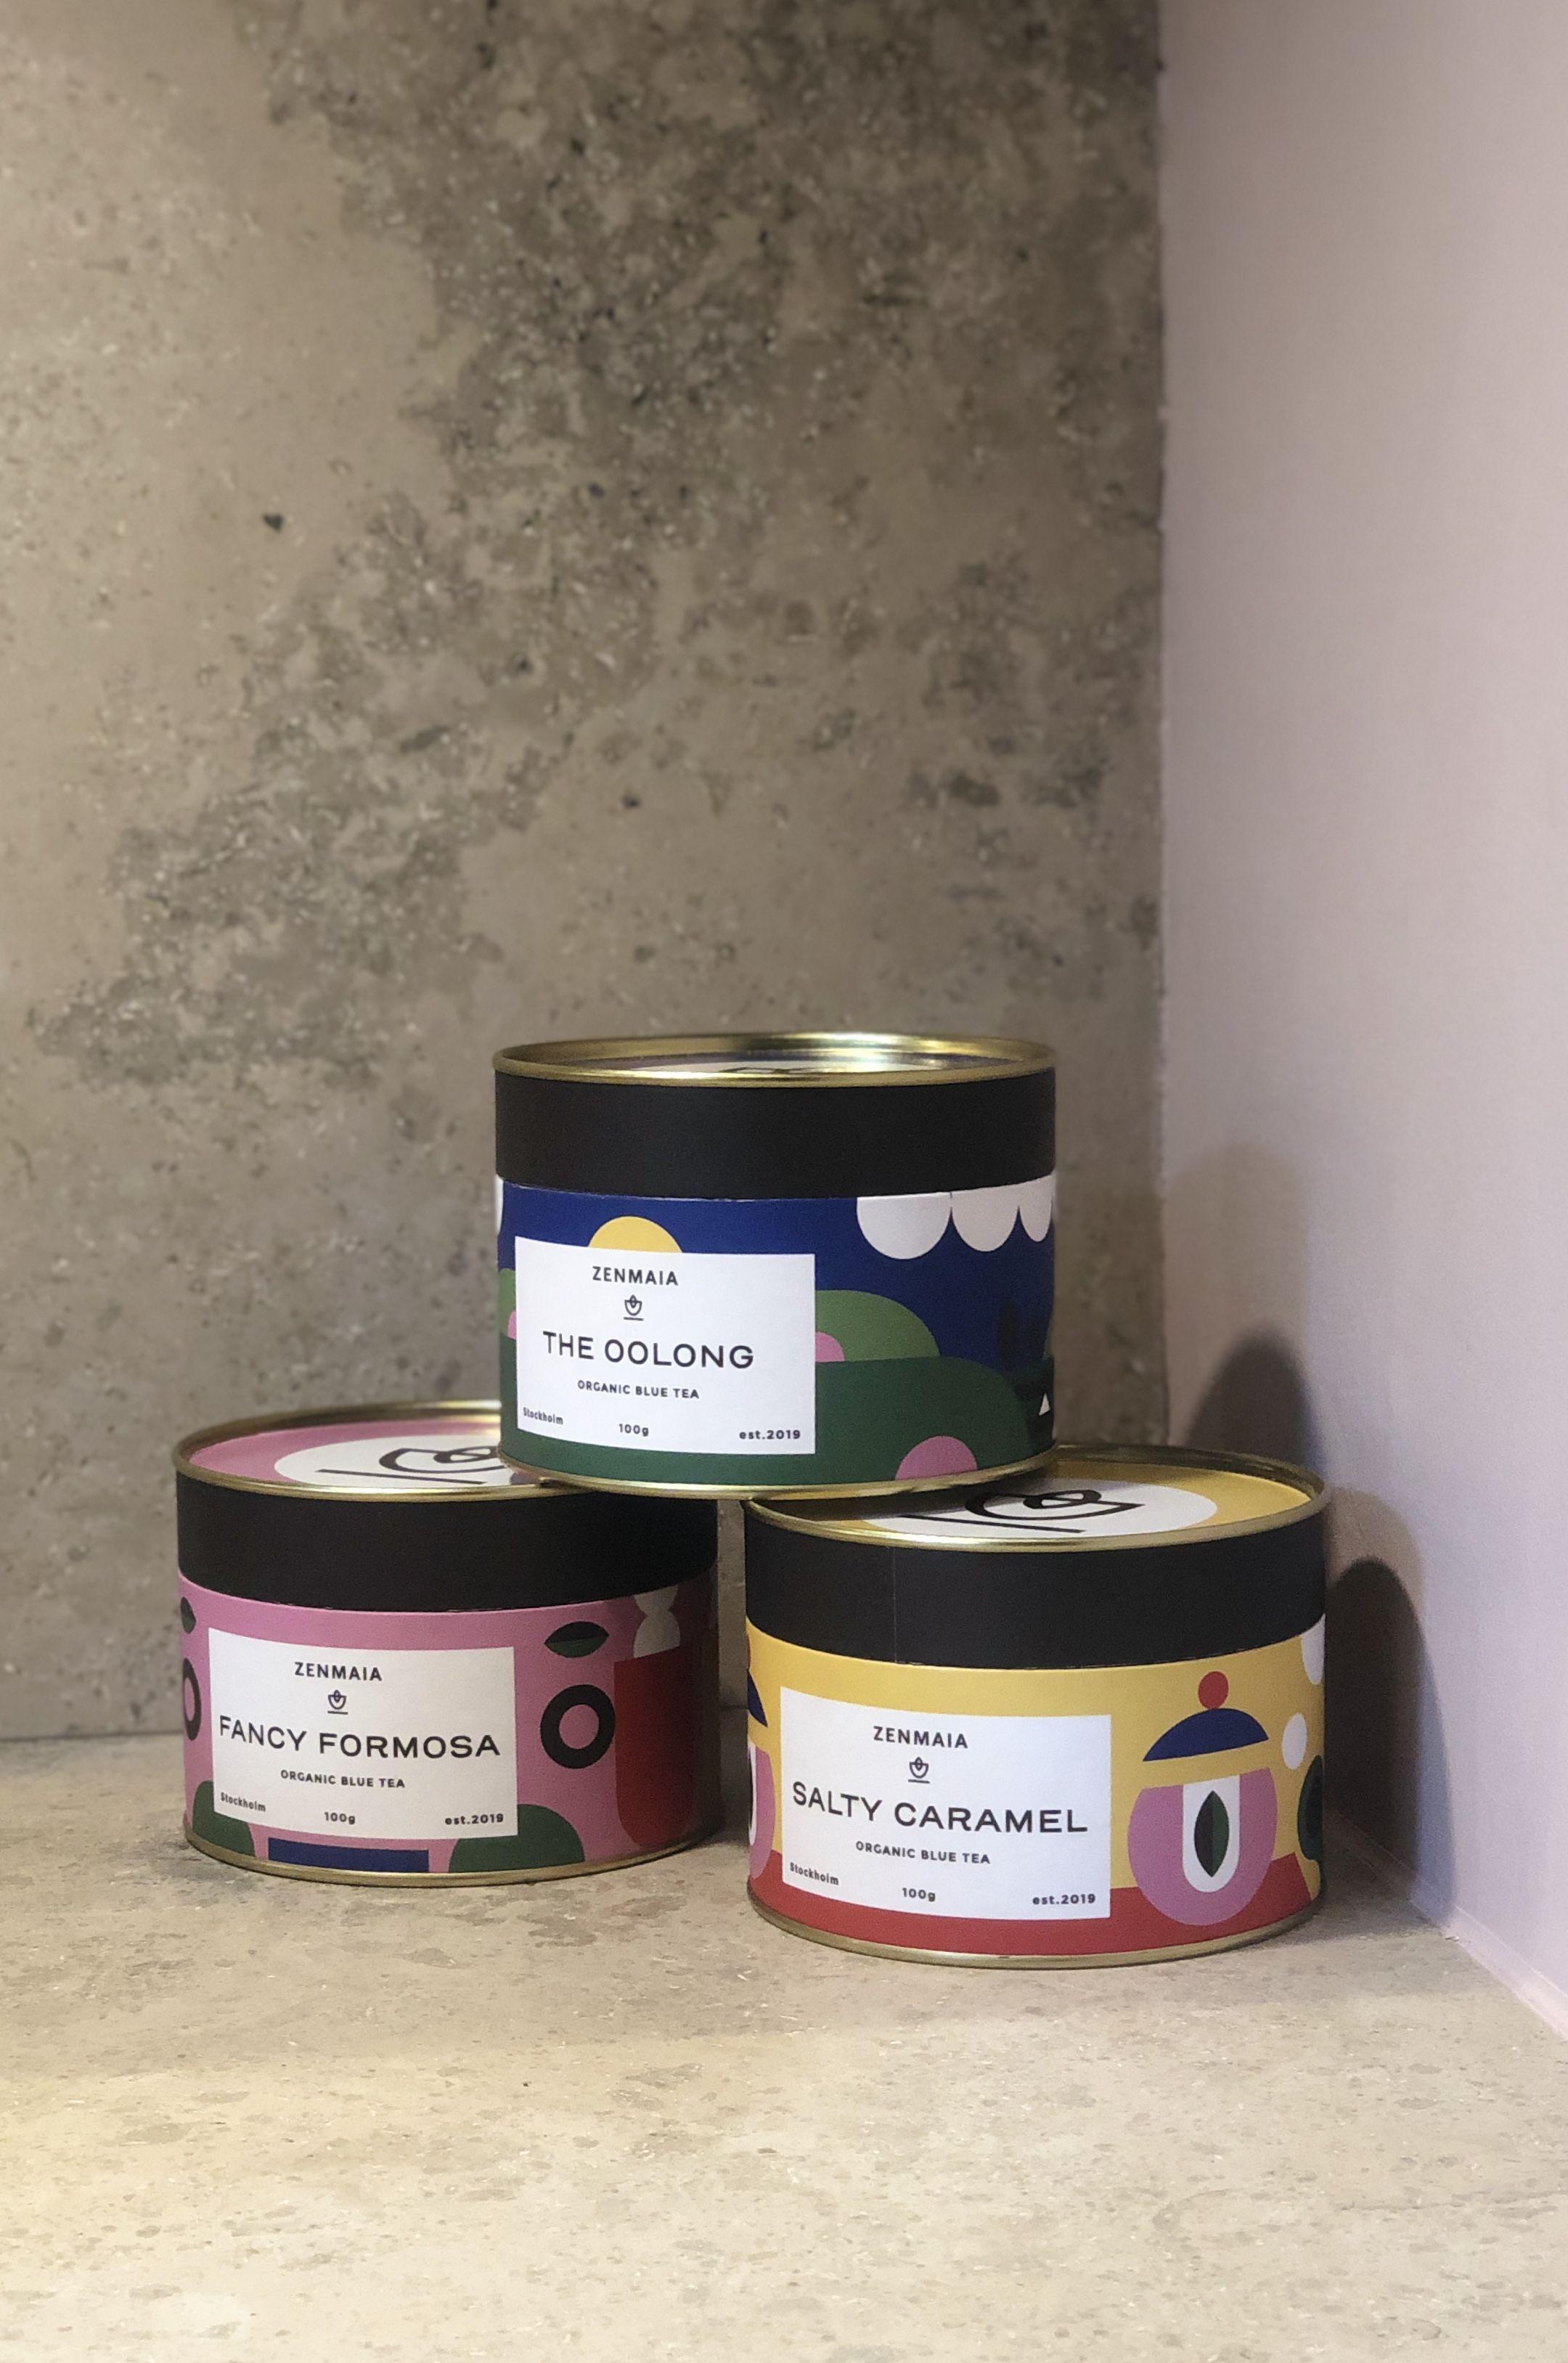 Zenmaia Organic Blue Tea Packaging design. Modern